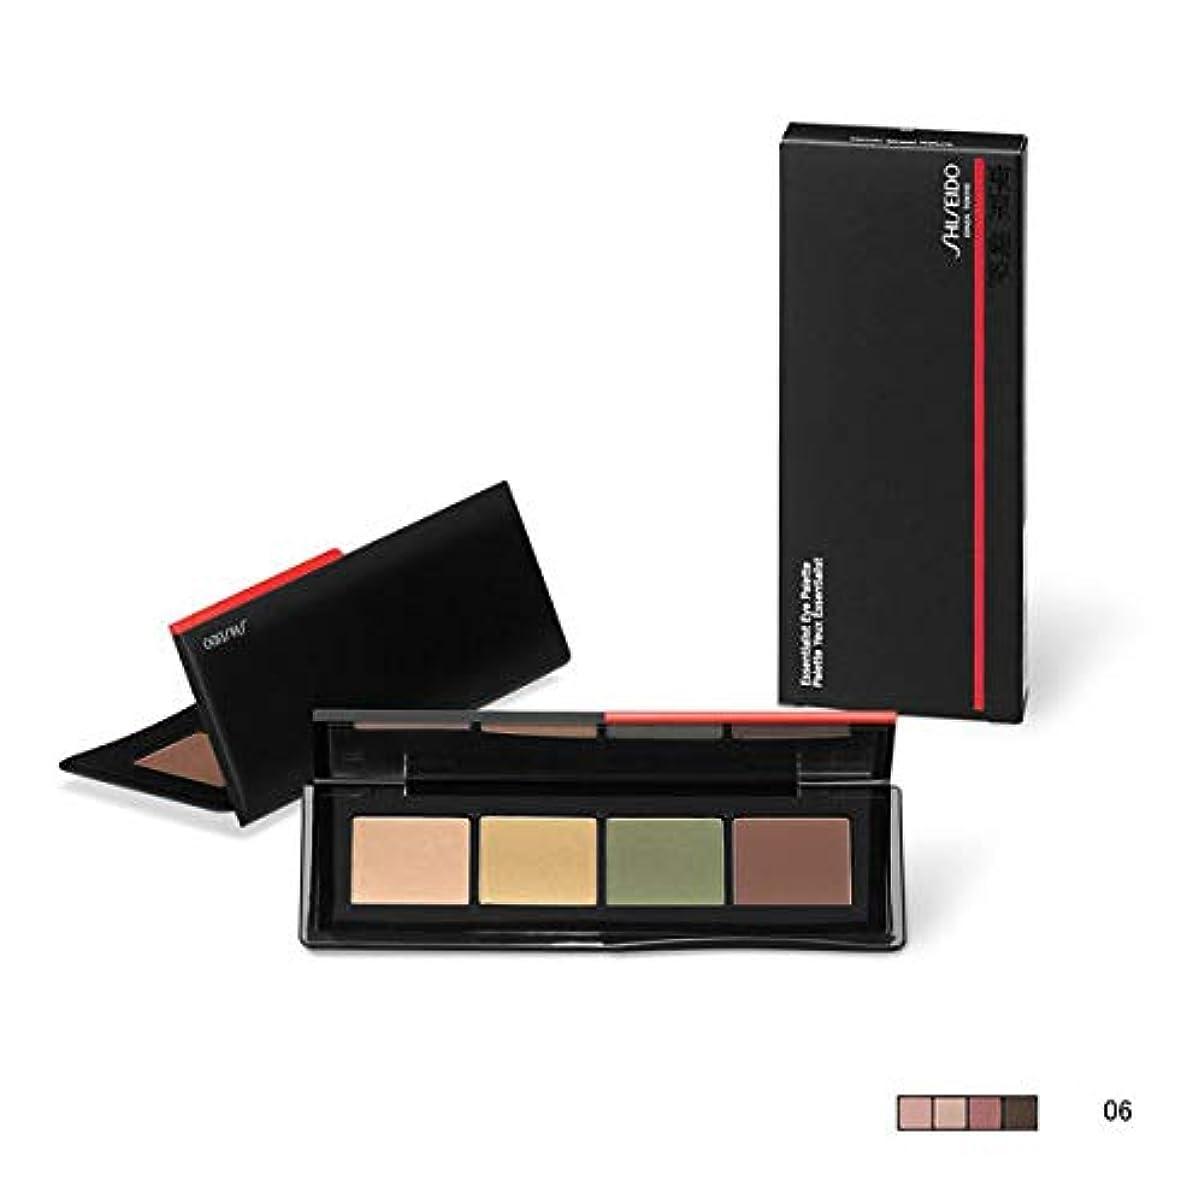 ブリッジ伸ばす改修SHISEIDO Makeup(資生堂 メーキャップ) SHISEIDO(資生堂) SHISEIDO エッセンシャリスト アイパレット 5.2g (06)